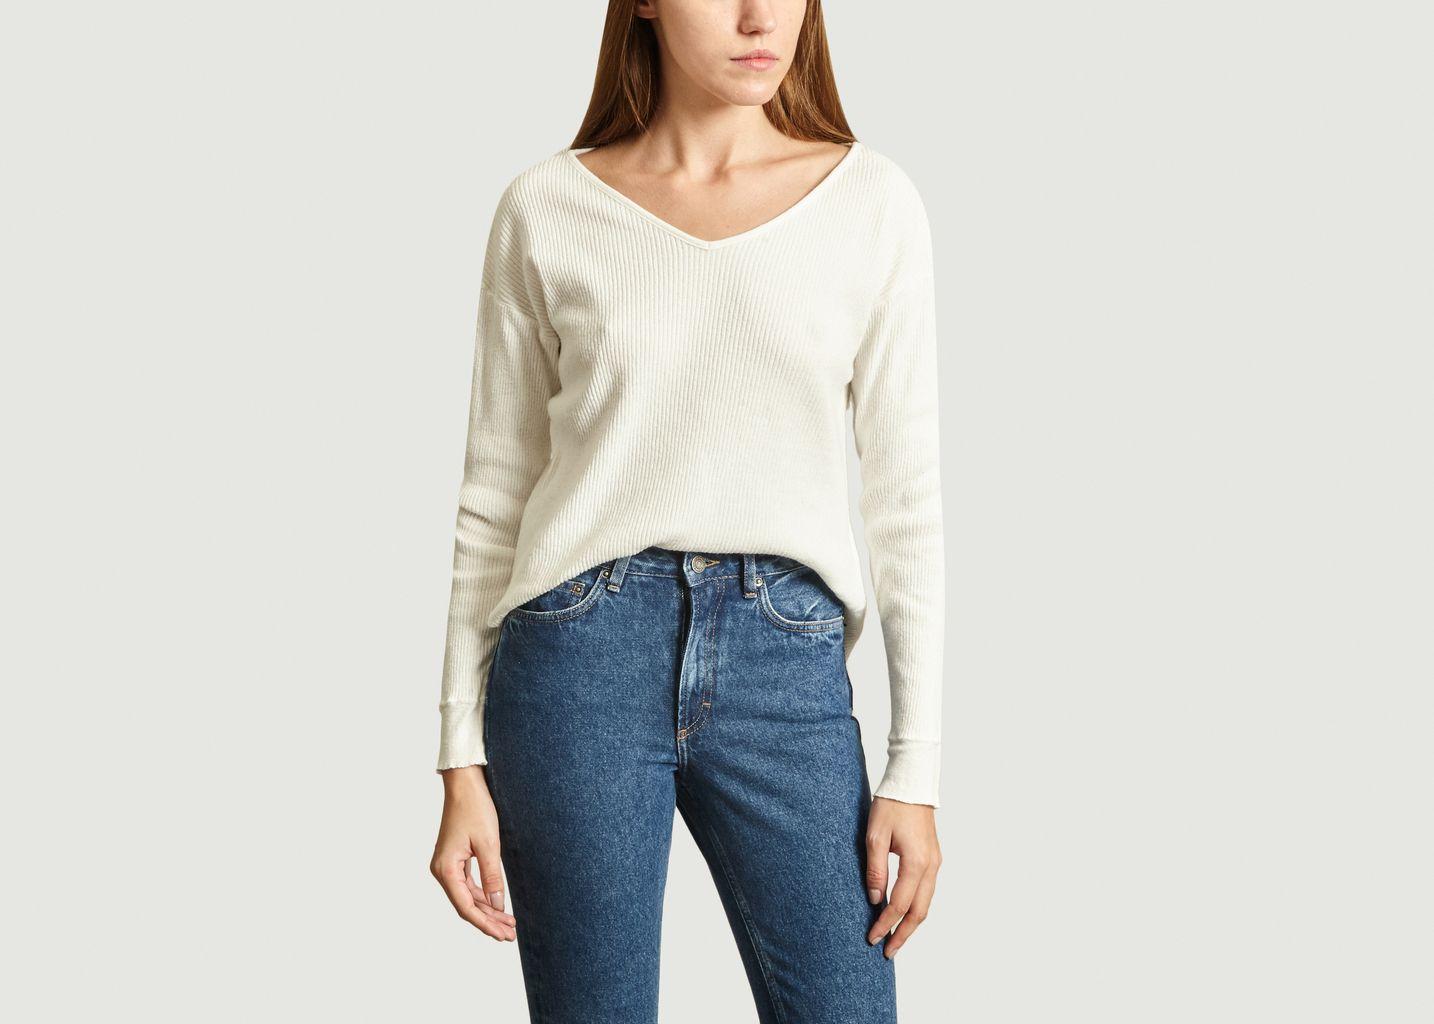 T-Shirt Côtelé Manches Longues Rigow - American Vintage